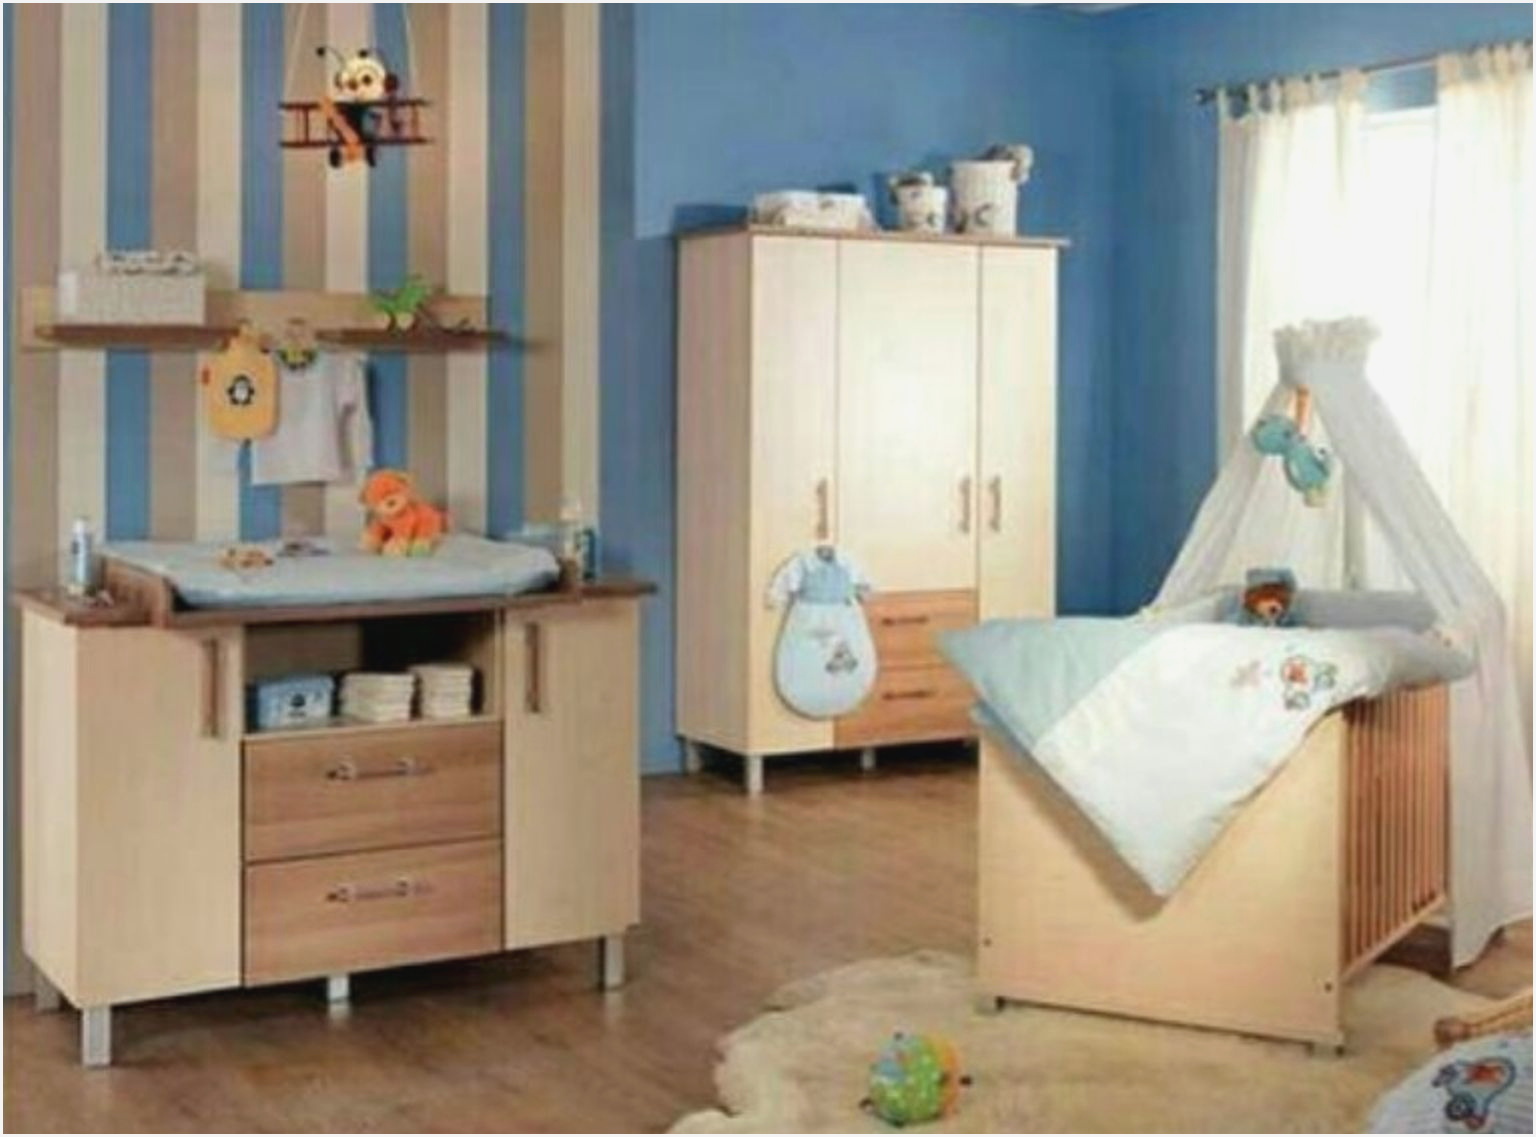 Full Size of Kommode Kinderzimmer Scandic Wood Traumhaus Regal Regale Schlafzimmer Weiß Sofa Bad Hochglanz Wohnzimmer Badezimmer Kommoden Kinderzimmer Kommode Kinderzimmer